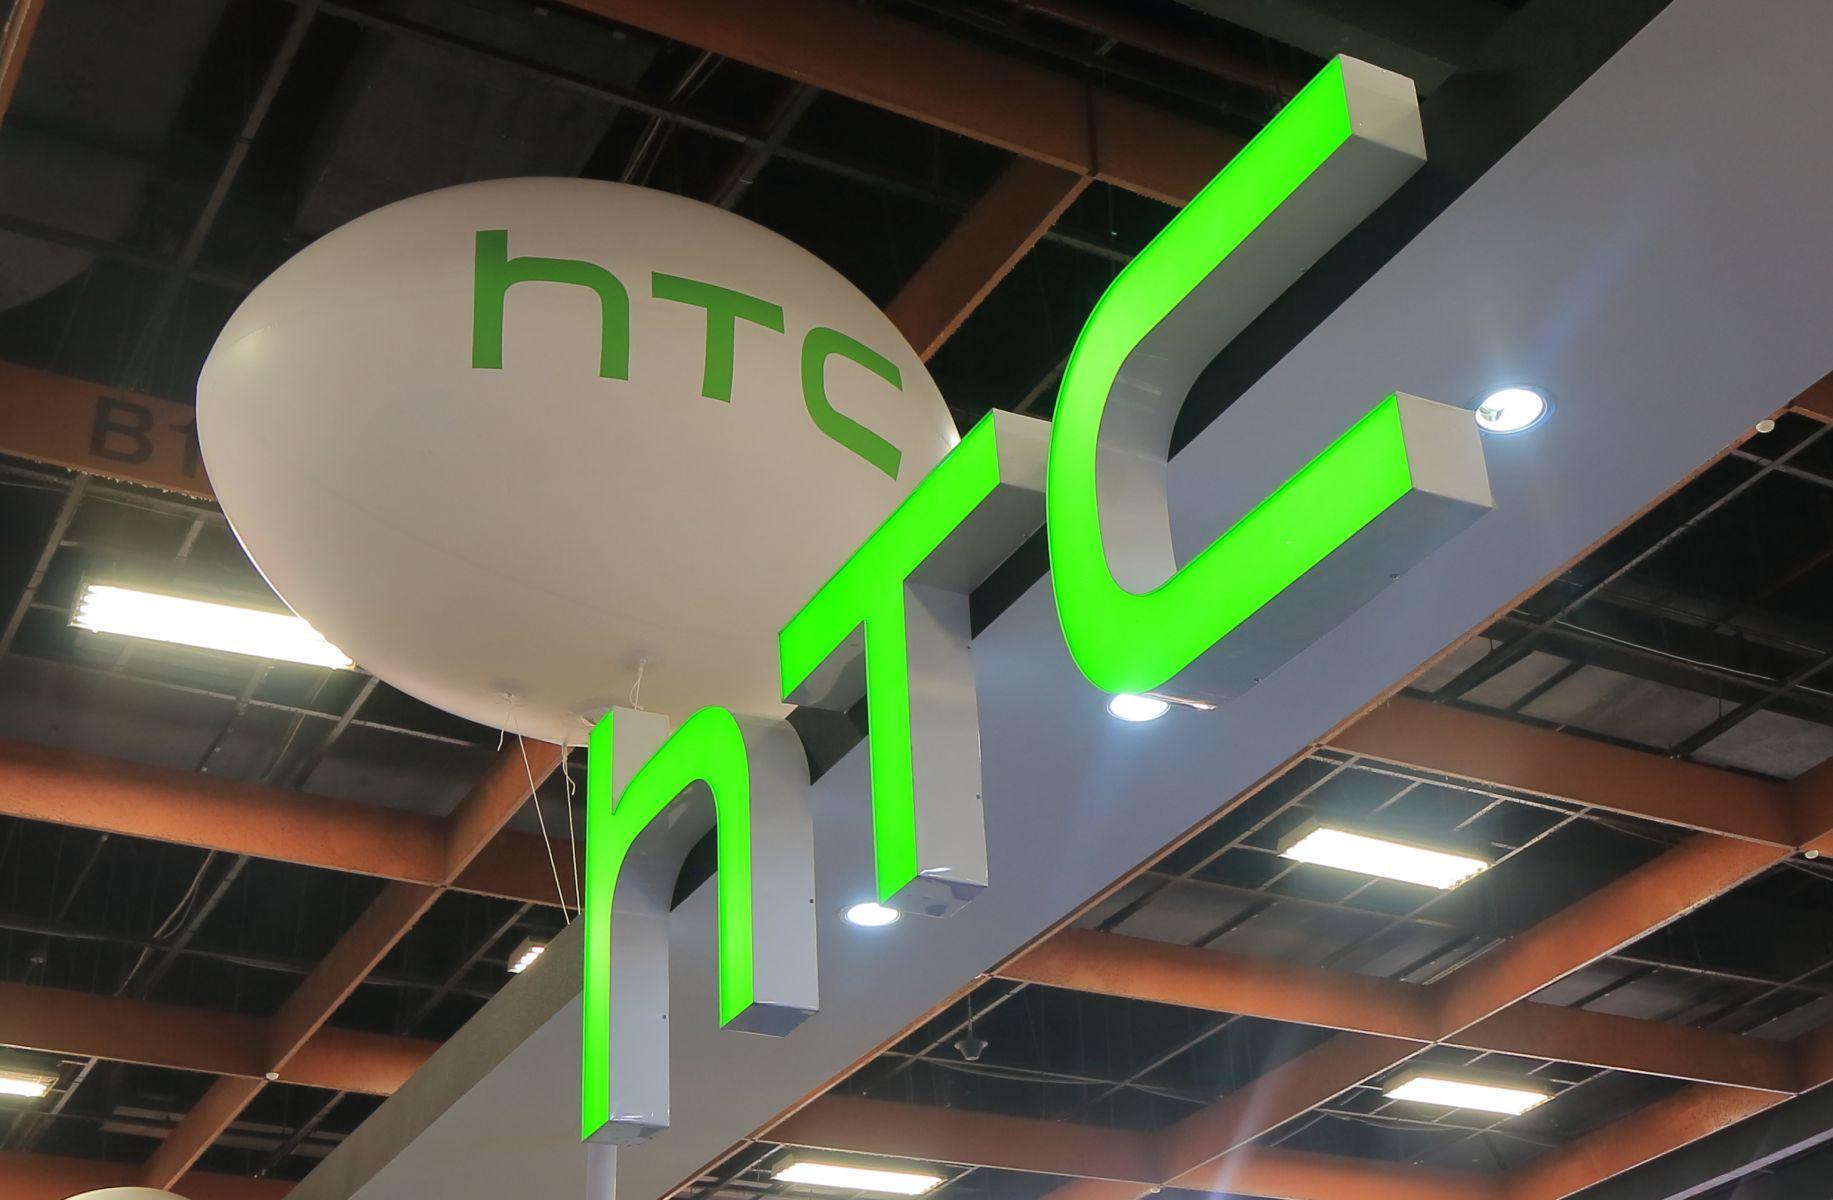 hTC旗艦機變邊緣千元機 庫存1年半都清不完